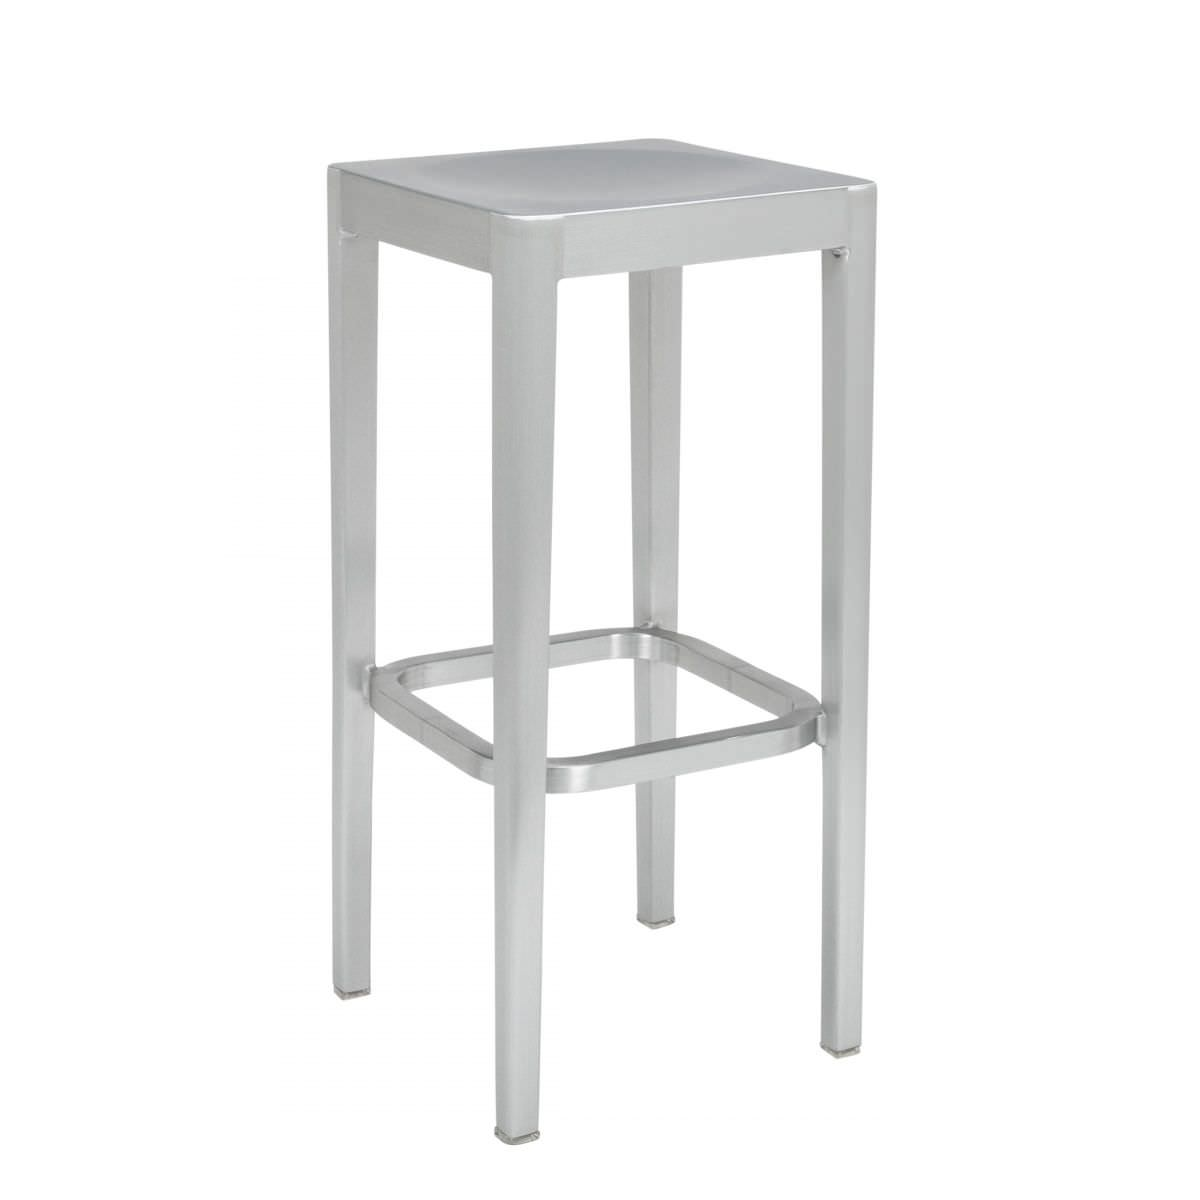 Sgabelli In Alluminio Per Bar.Sgabello Da Bar Moderno In Alluminio Di Philippe Starck